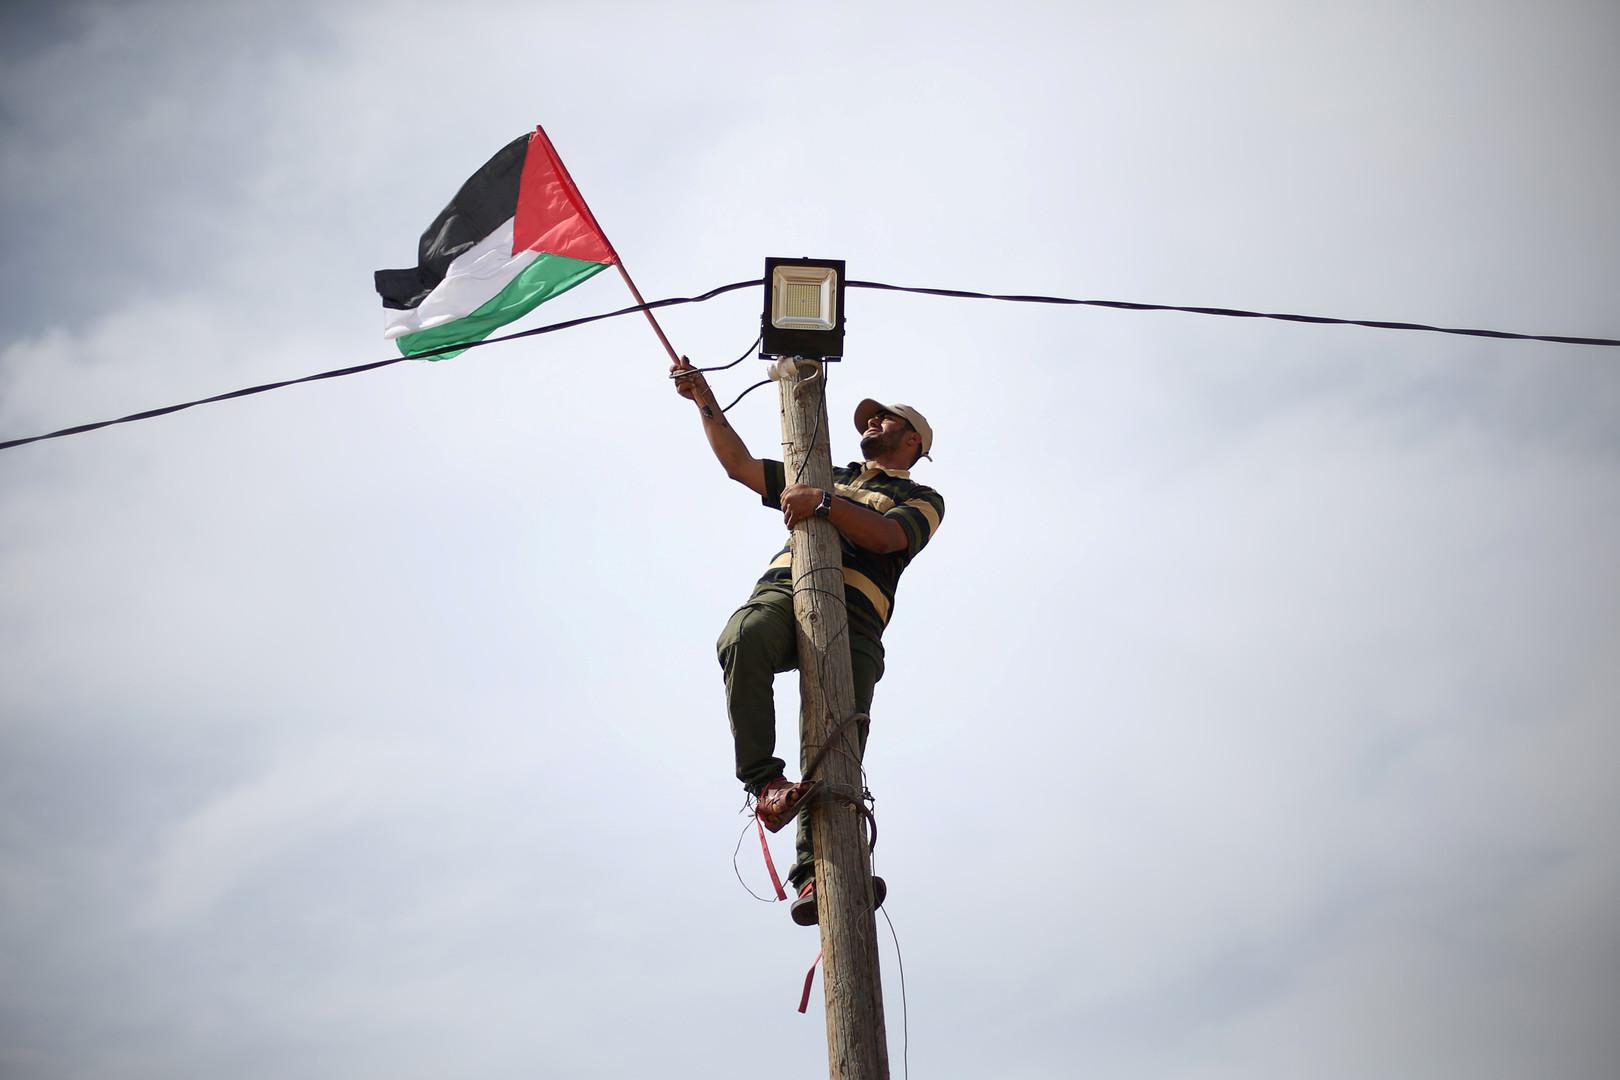 الإعلام الإسرائيلي: قطر مستعدة لمد خط كهربائي إلى غزة